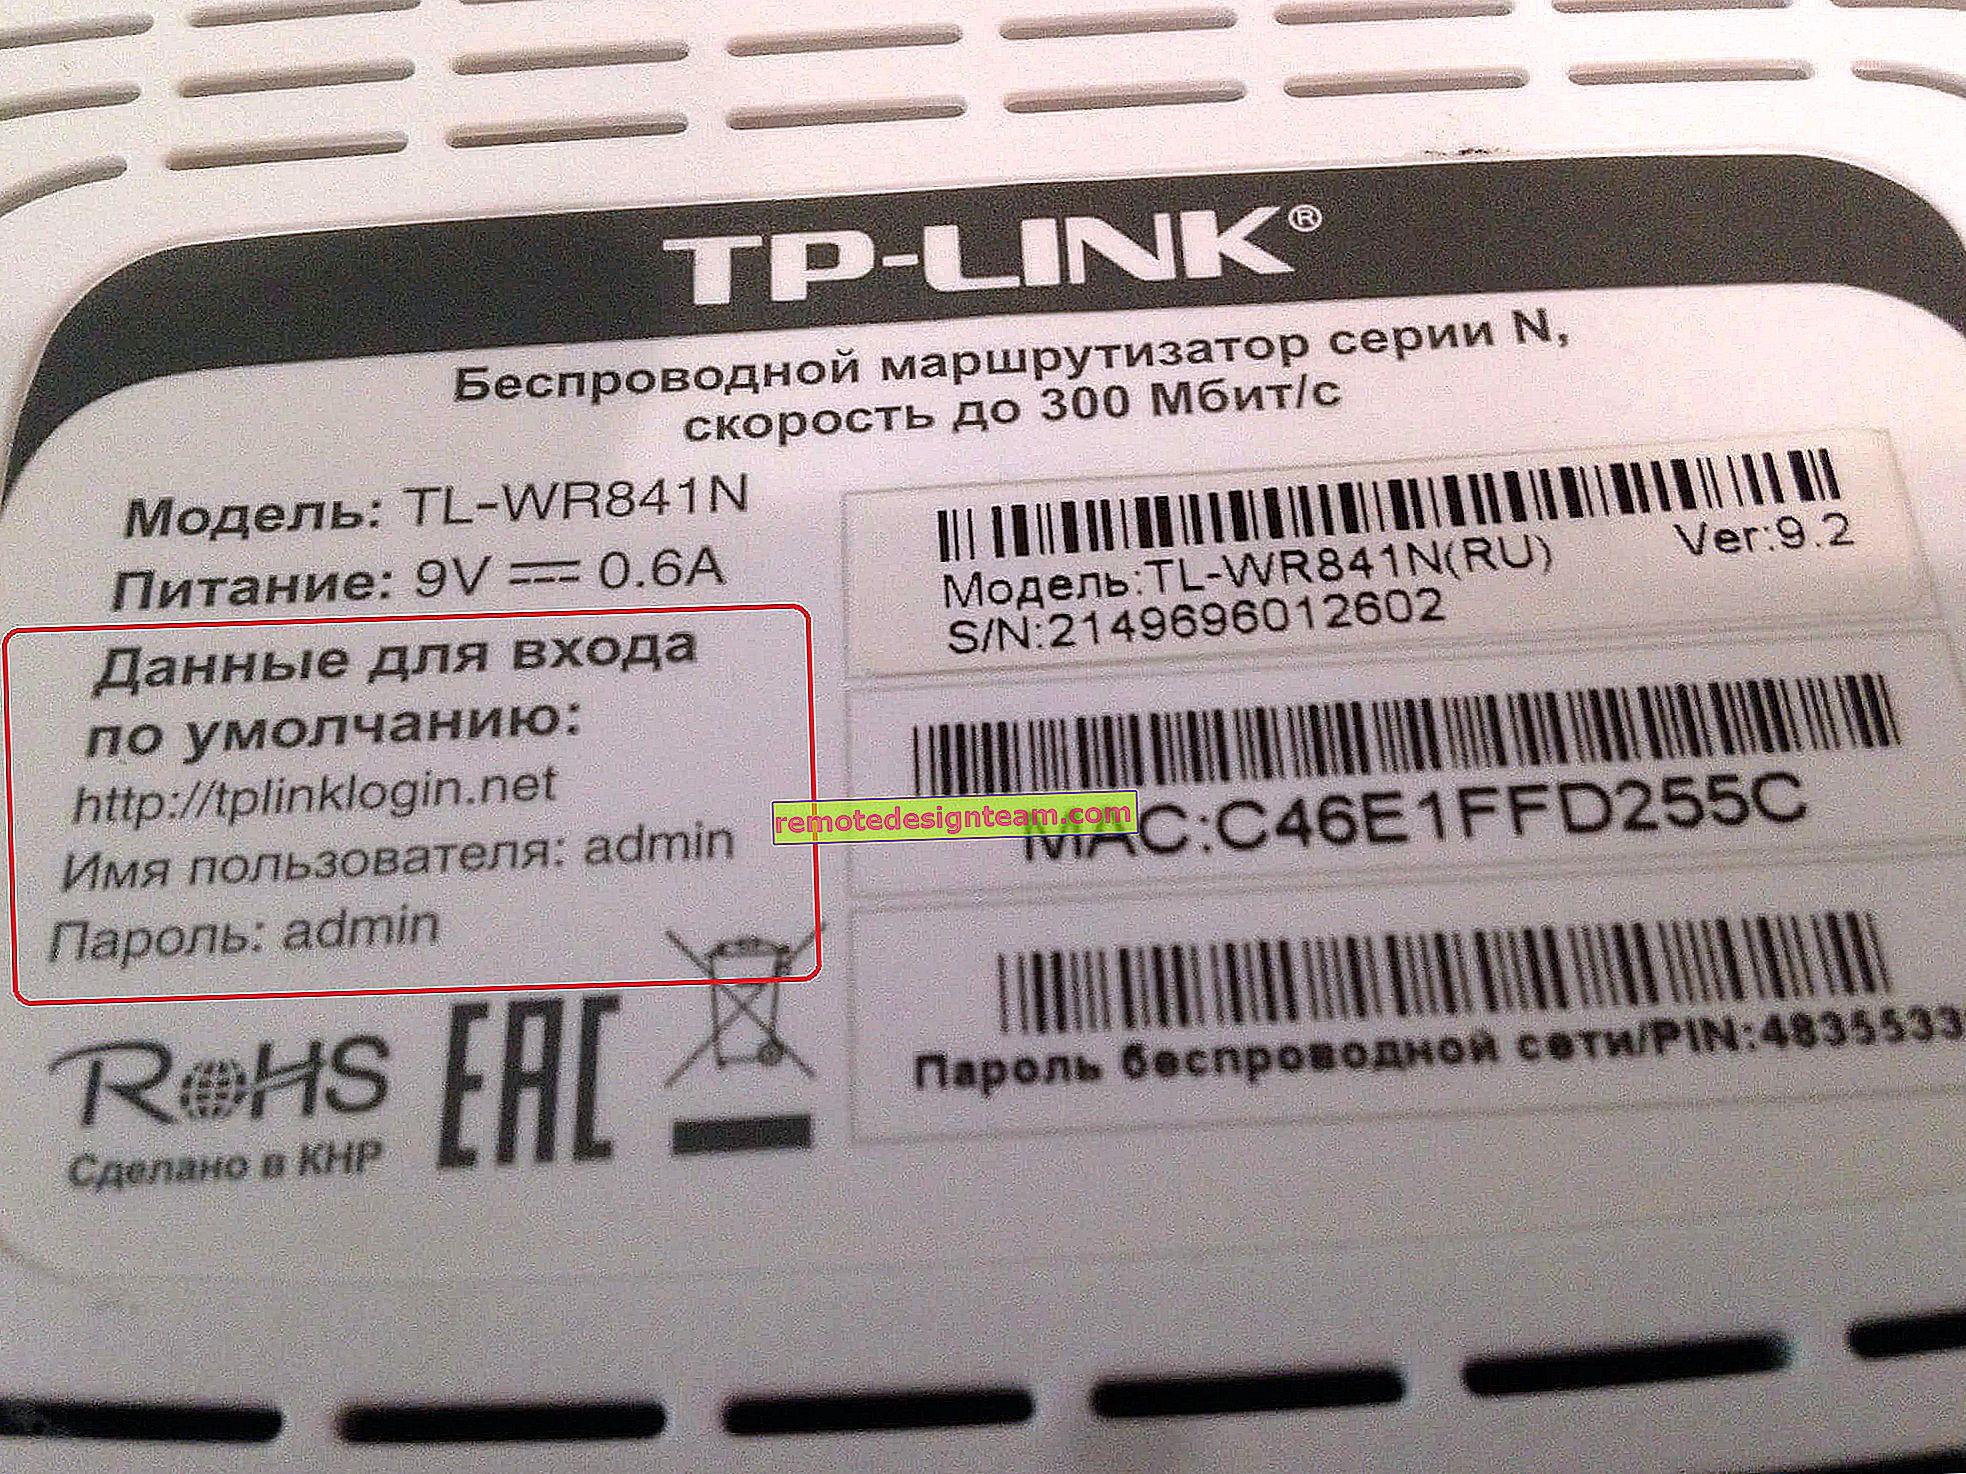 Yönlendiriciyi sıfırladıktan sonra, fabrika oturum açma adı / parolası (TP-Link) uymuyor